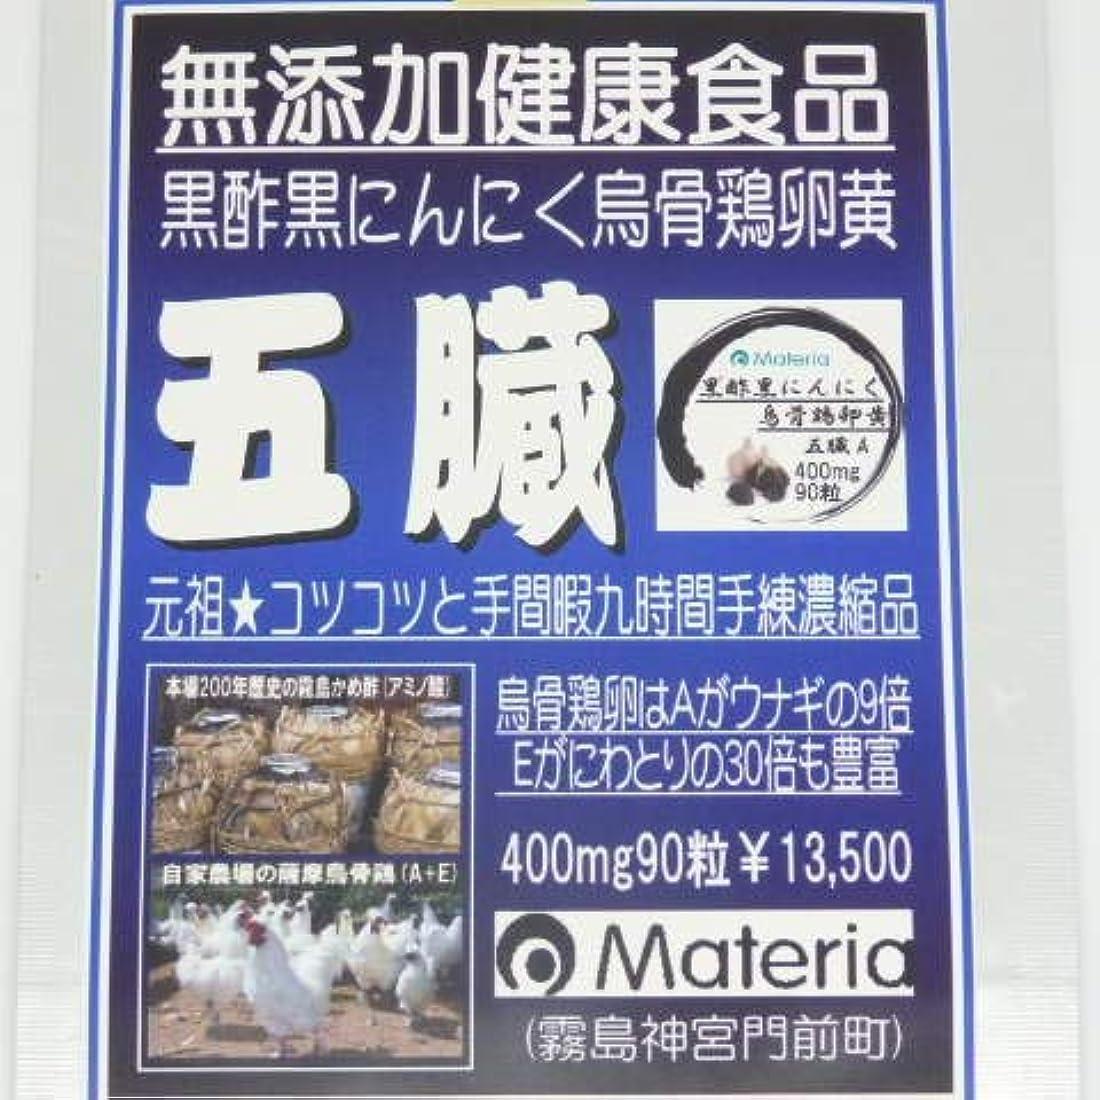 イブニング均等に下手無添加健康食品/黒酢黒にんにく卵黄/五臓A系(90粒90日分)¥13,500